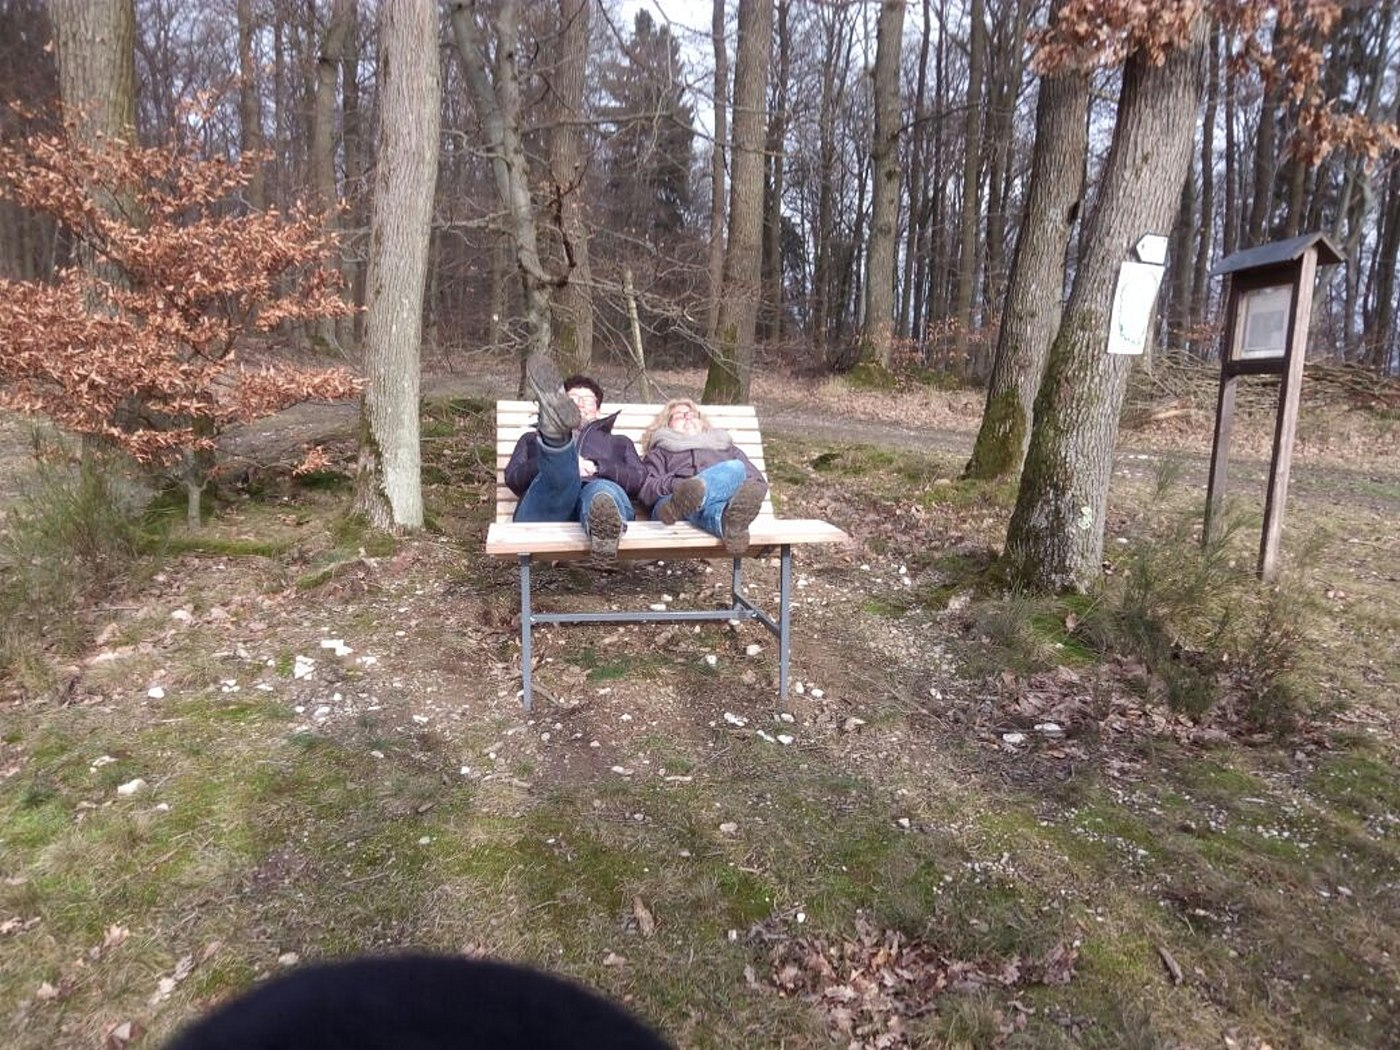 2018 - Wandertag zur Feuerwehrhütte Enkirch